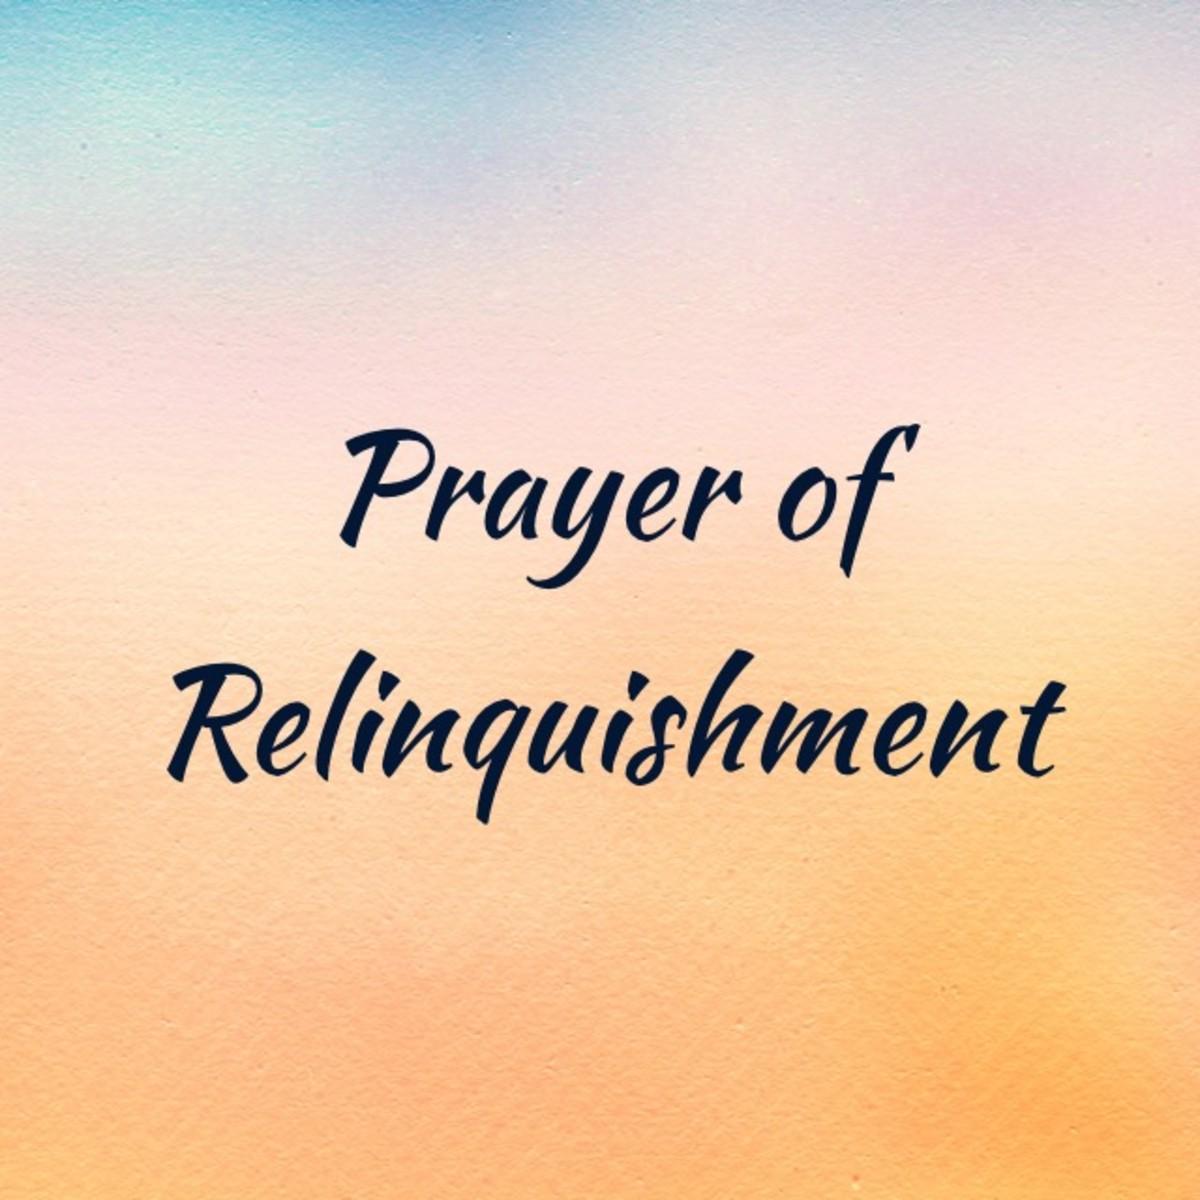 Prayer of Relinquishment